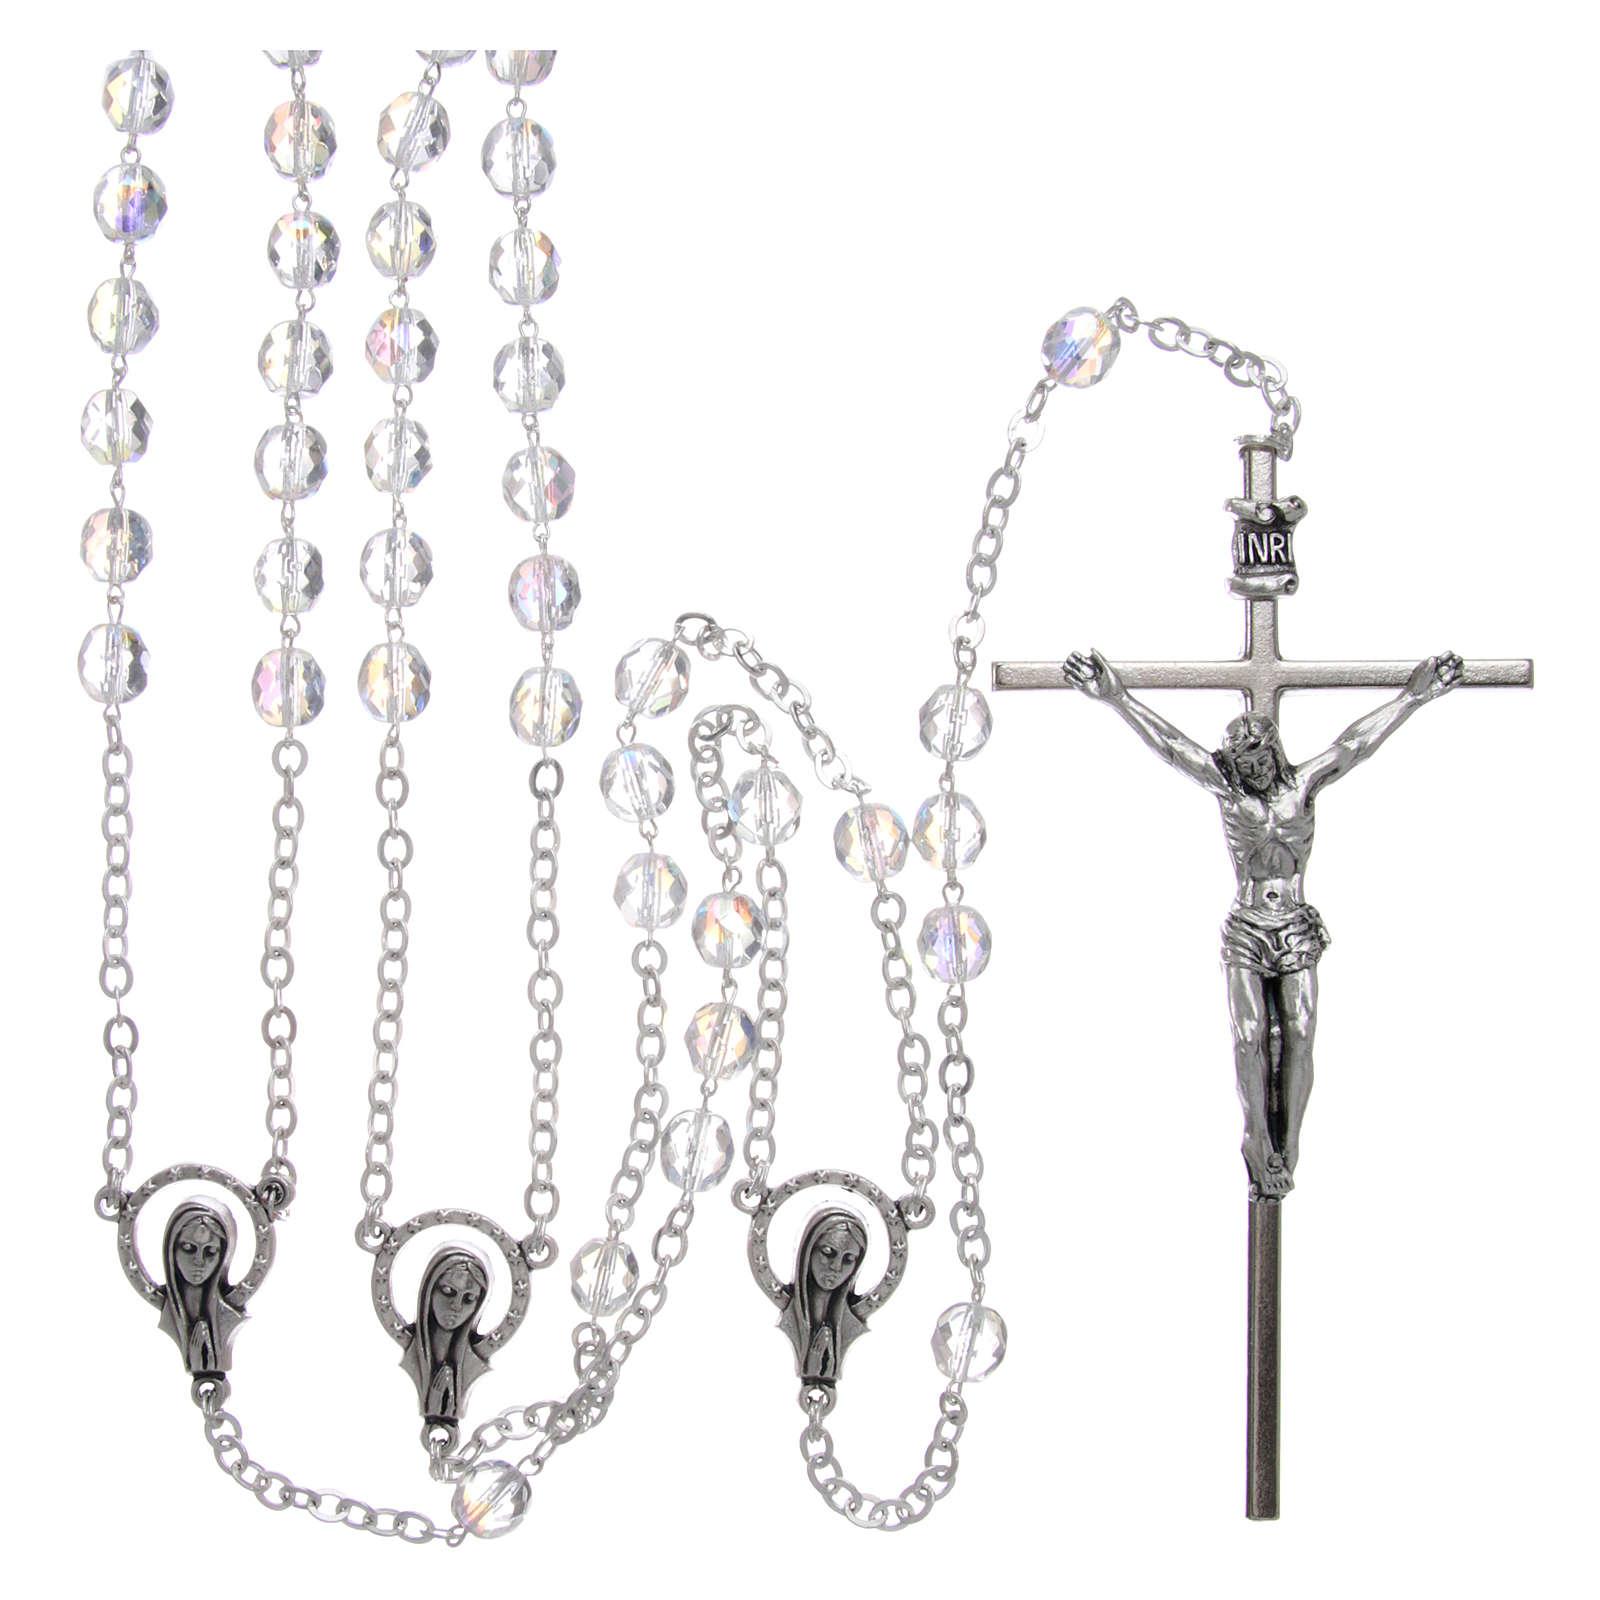 Rosario in cristallo e metallo argentato per matrimonio 4